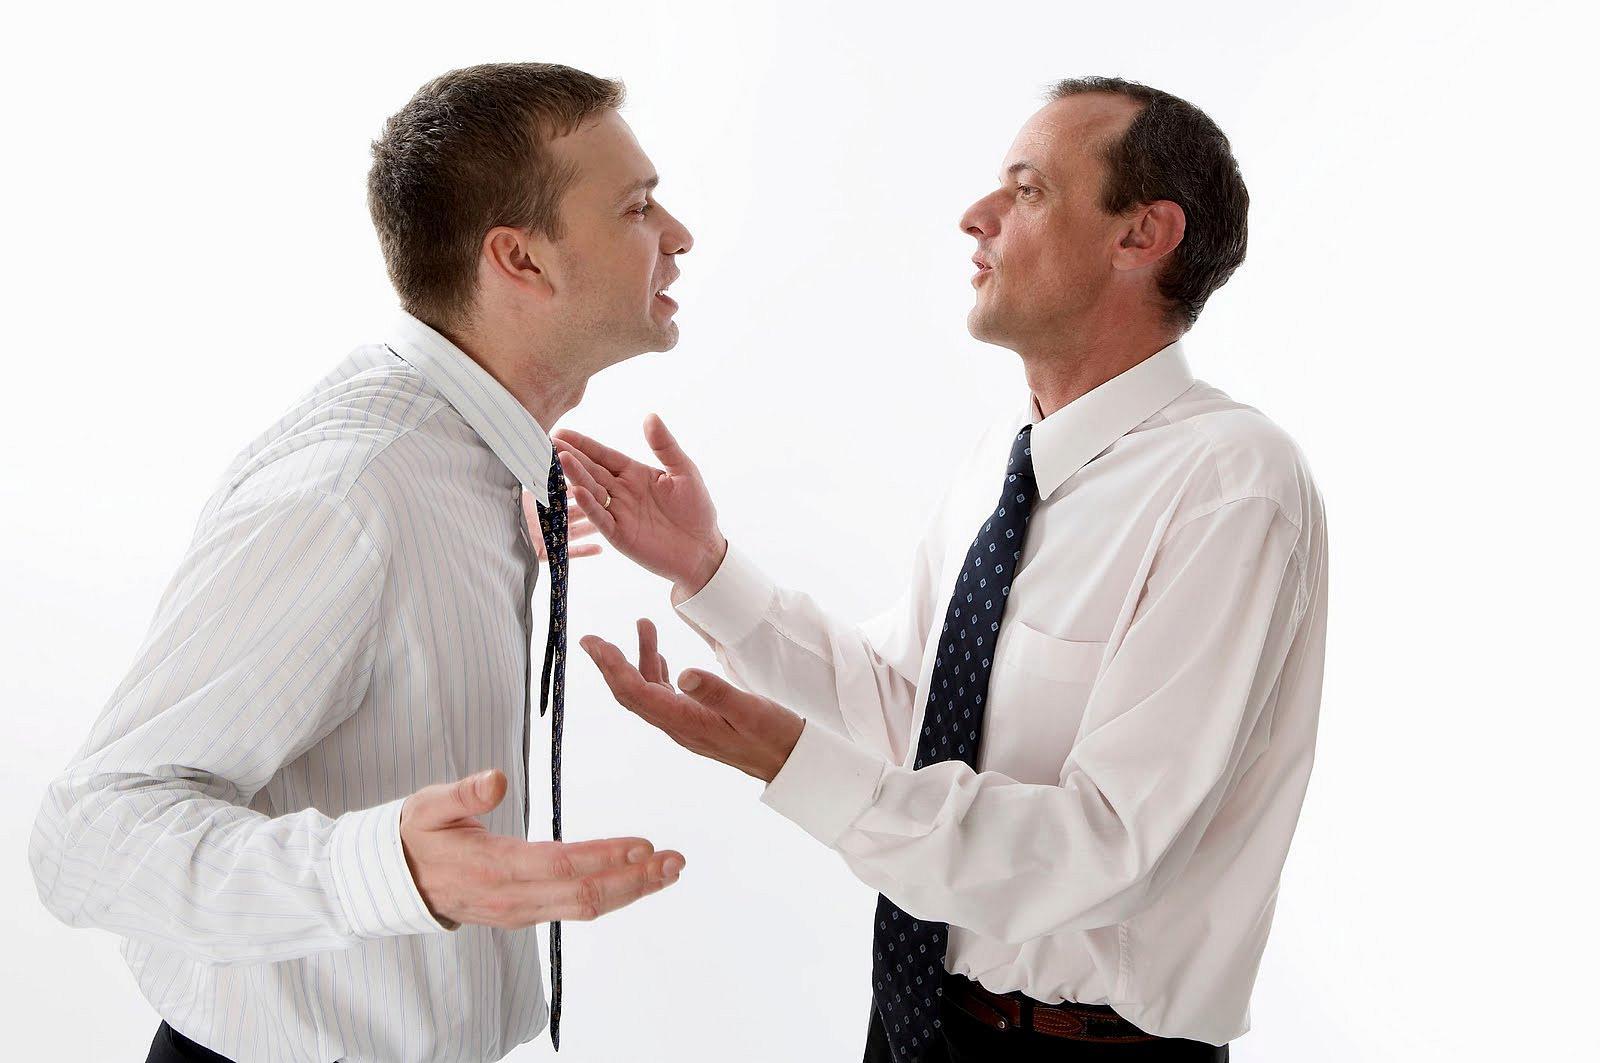 Как правильно выйти из конфликтной ситуации: советы психологов